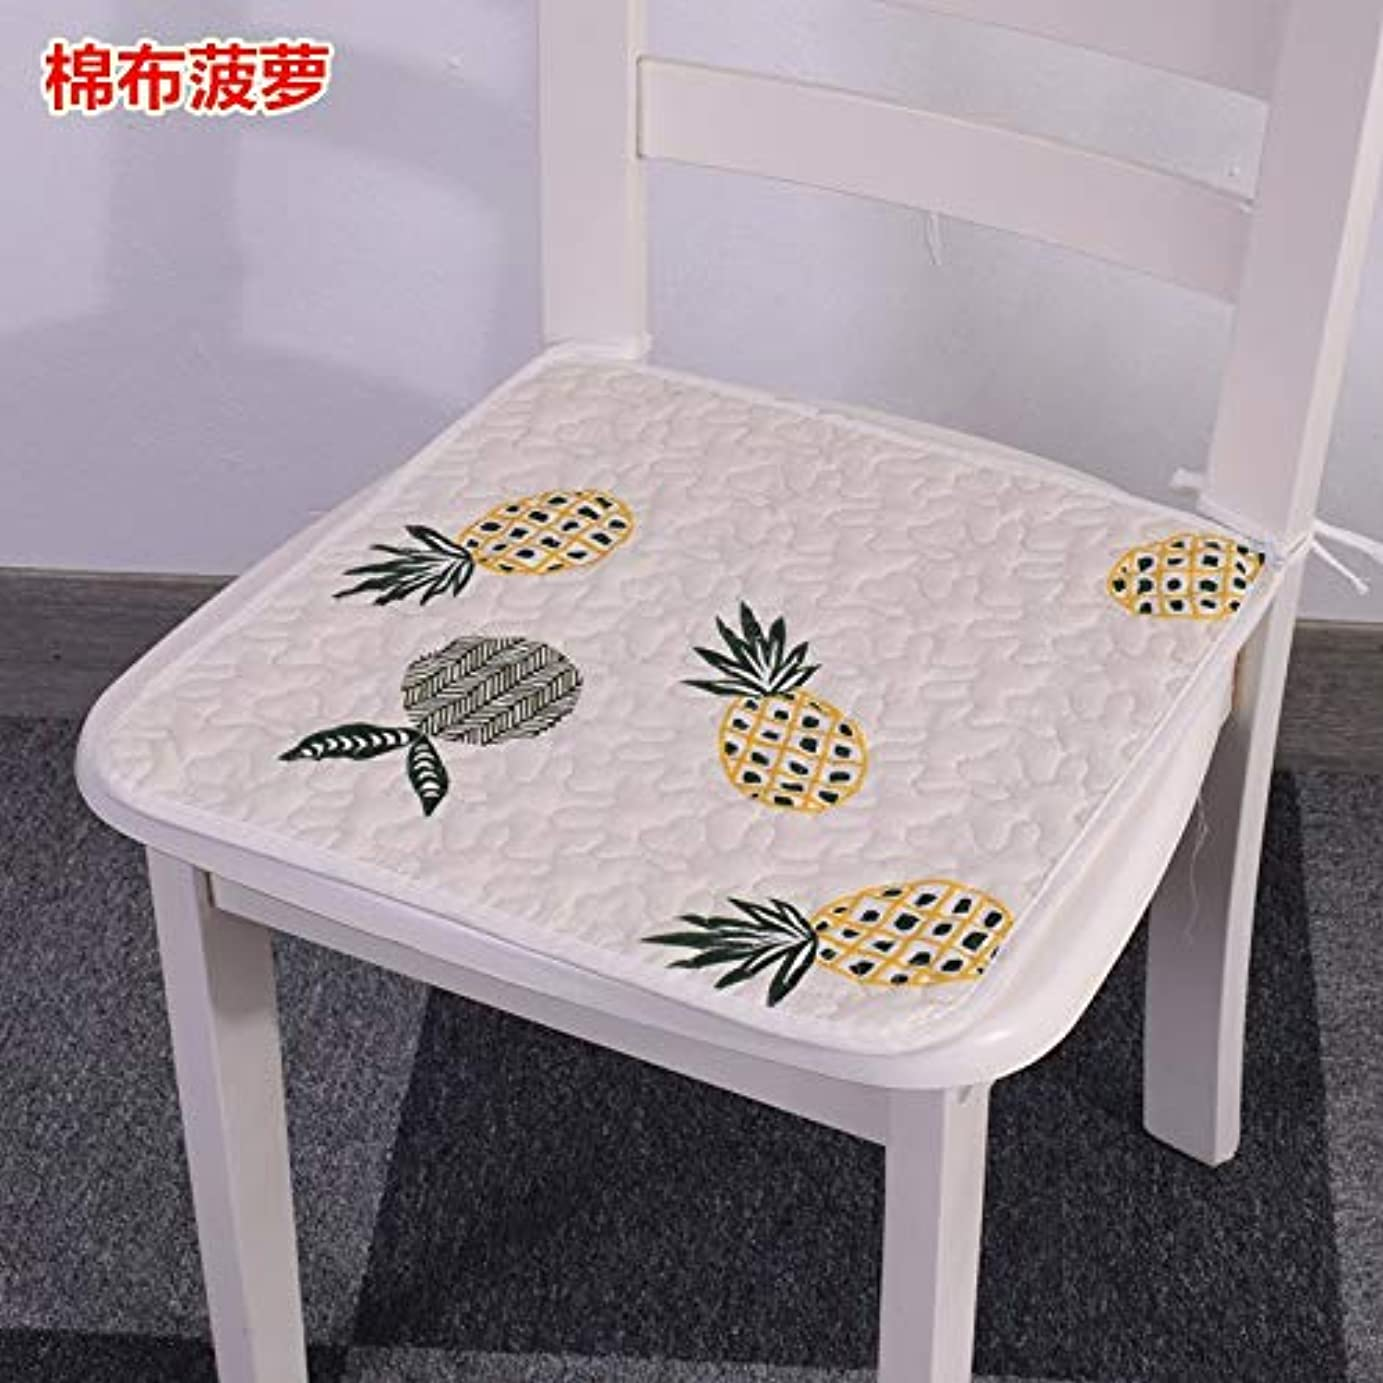 骨折ダイジェスト概してLIFE 現代スーパーソフト椅子クッション非スリップシートクッションマットソファホームデコレーションバッククッションチェアパッド 40*40/45*45/50*50 センチメートル クッション 椅子